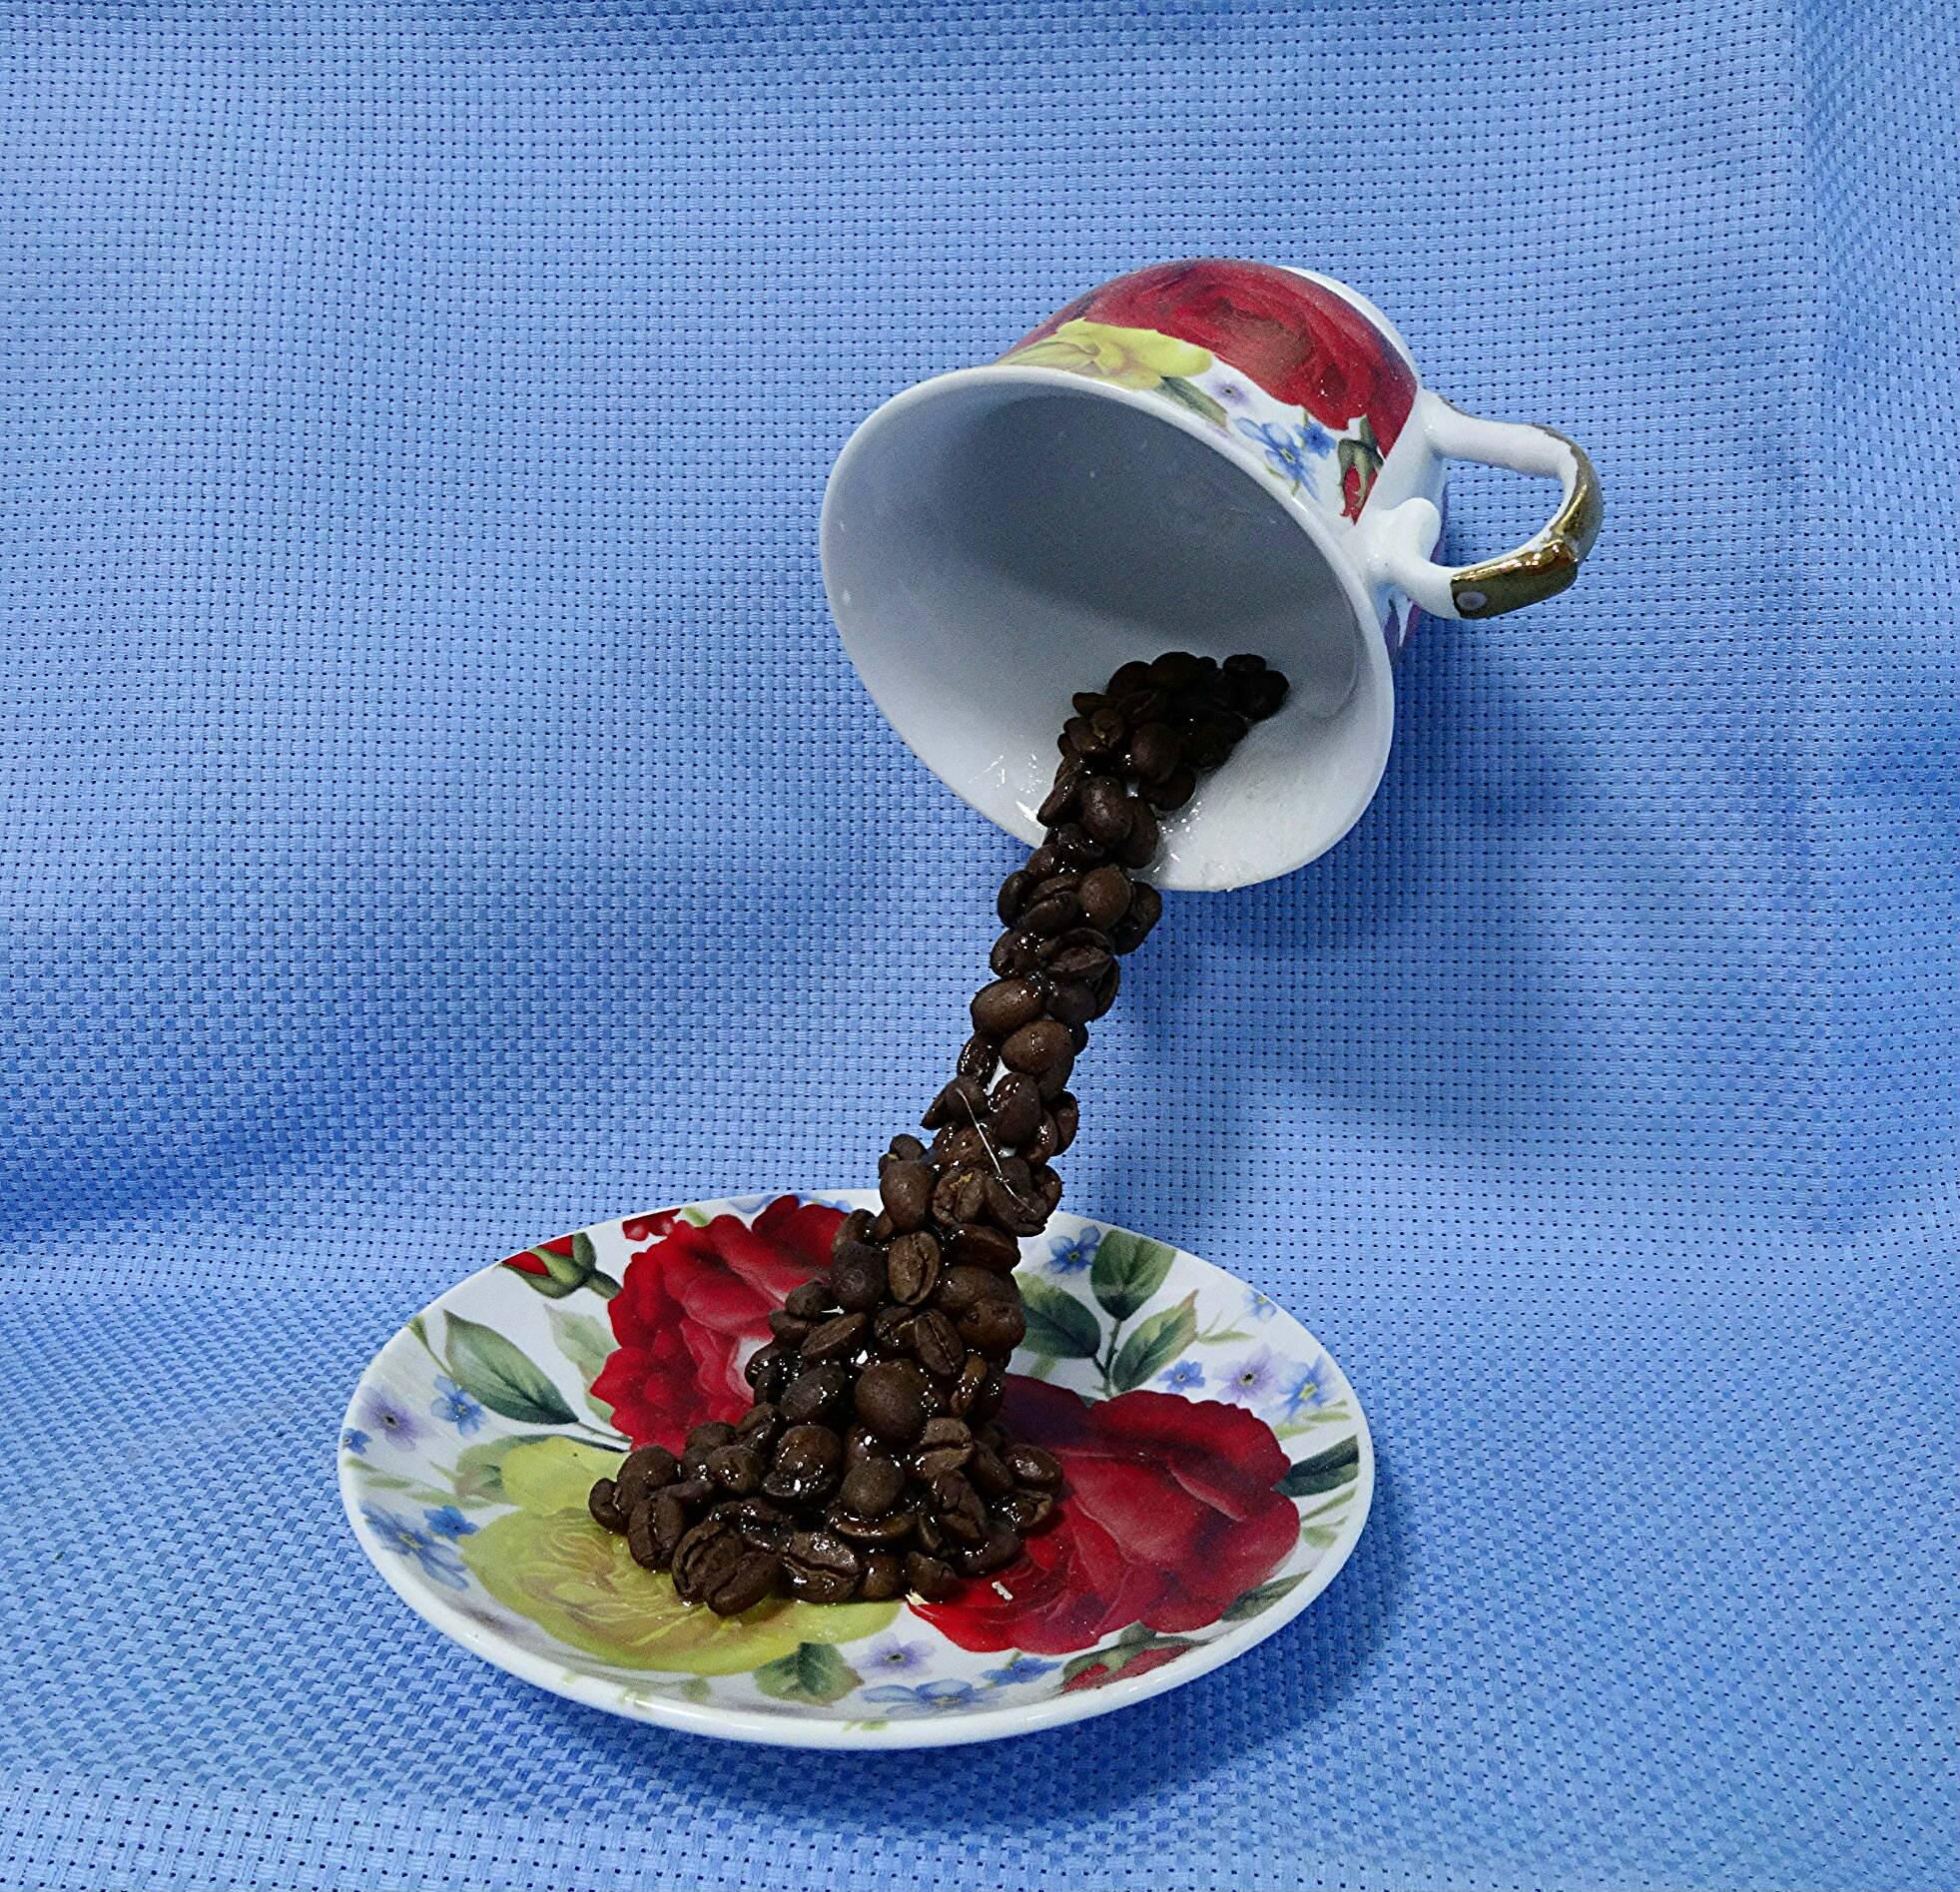 Парящая чашка — интересный сувенир в подарок